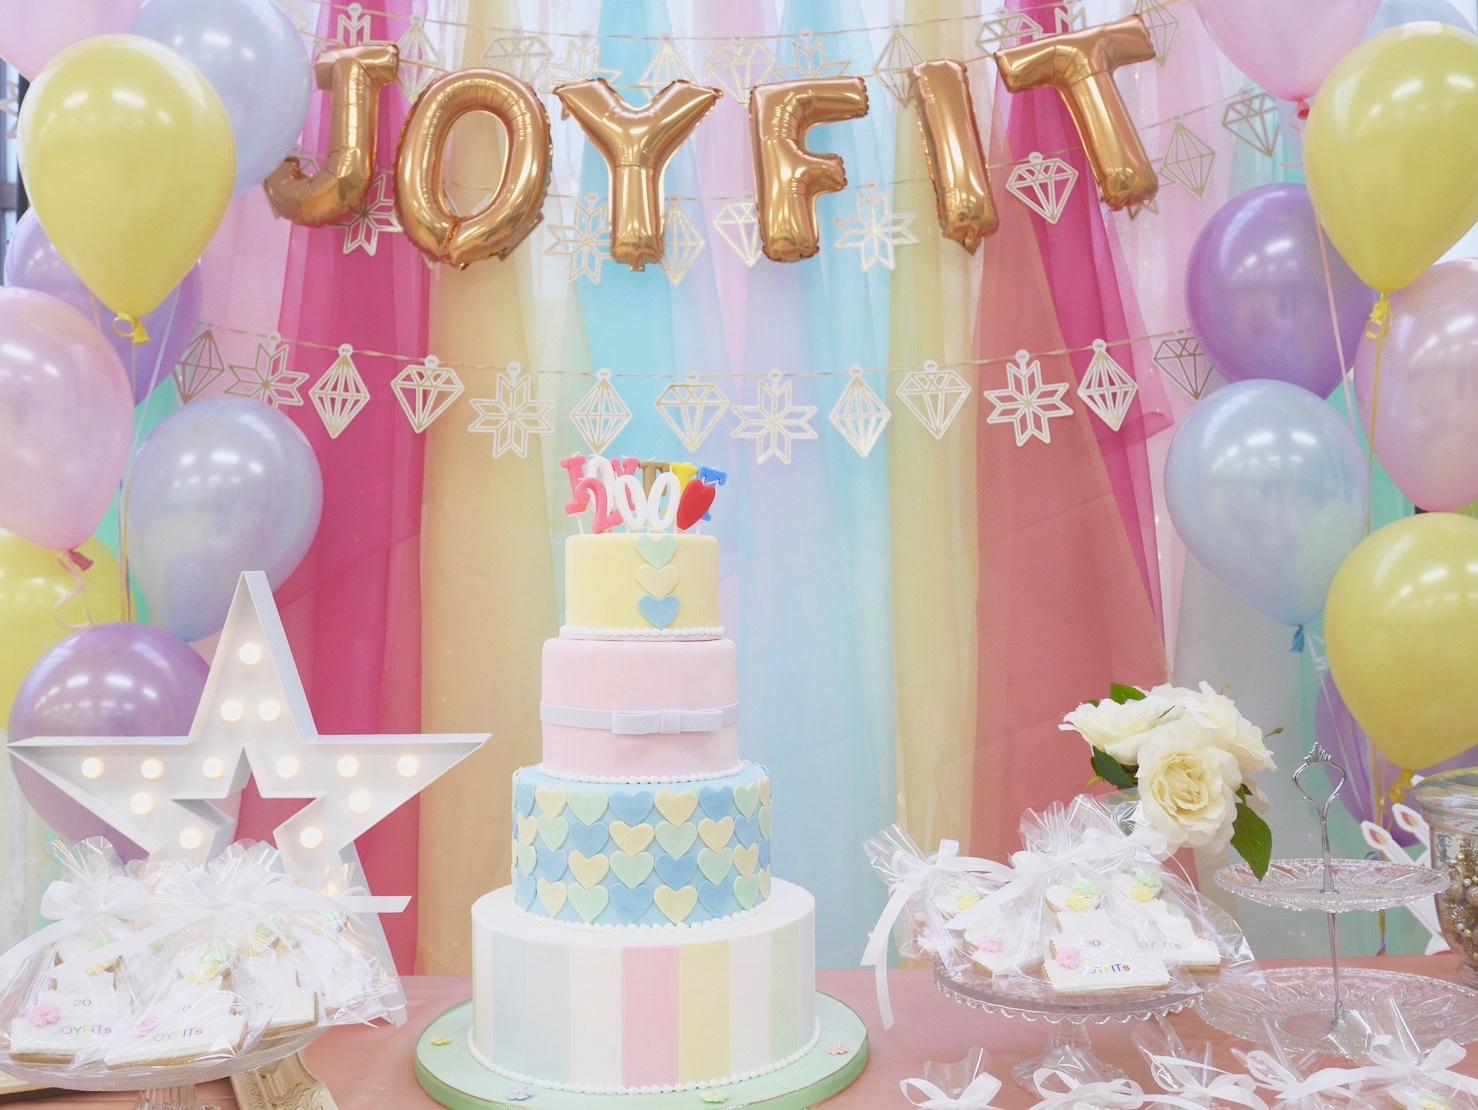 JOYFIT20店舗達成イベント用ケーキ、ノベルティ制作